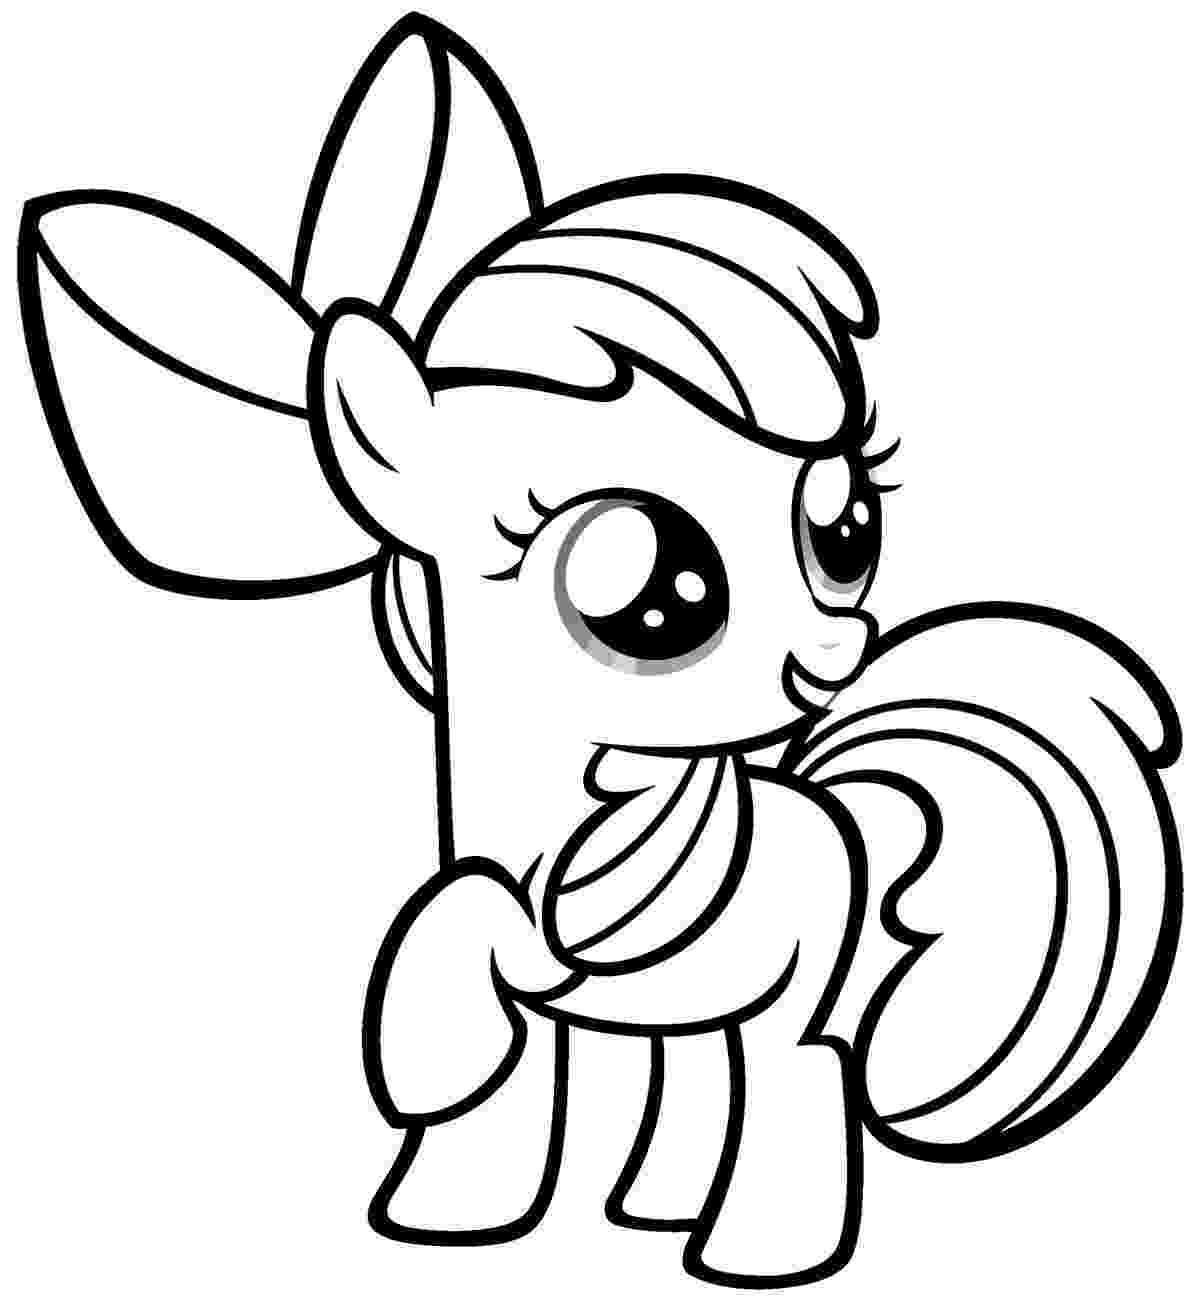 my little pony pics desenhos para colorir e imprimir desenhos para colorir o pony pics my little